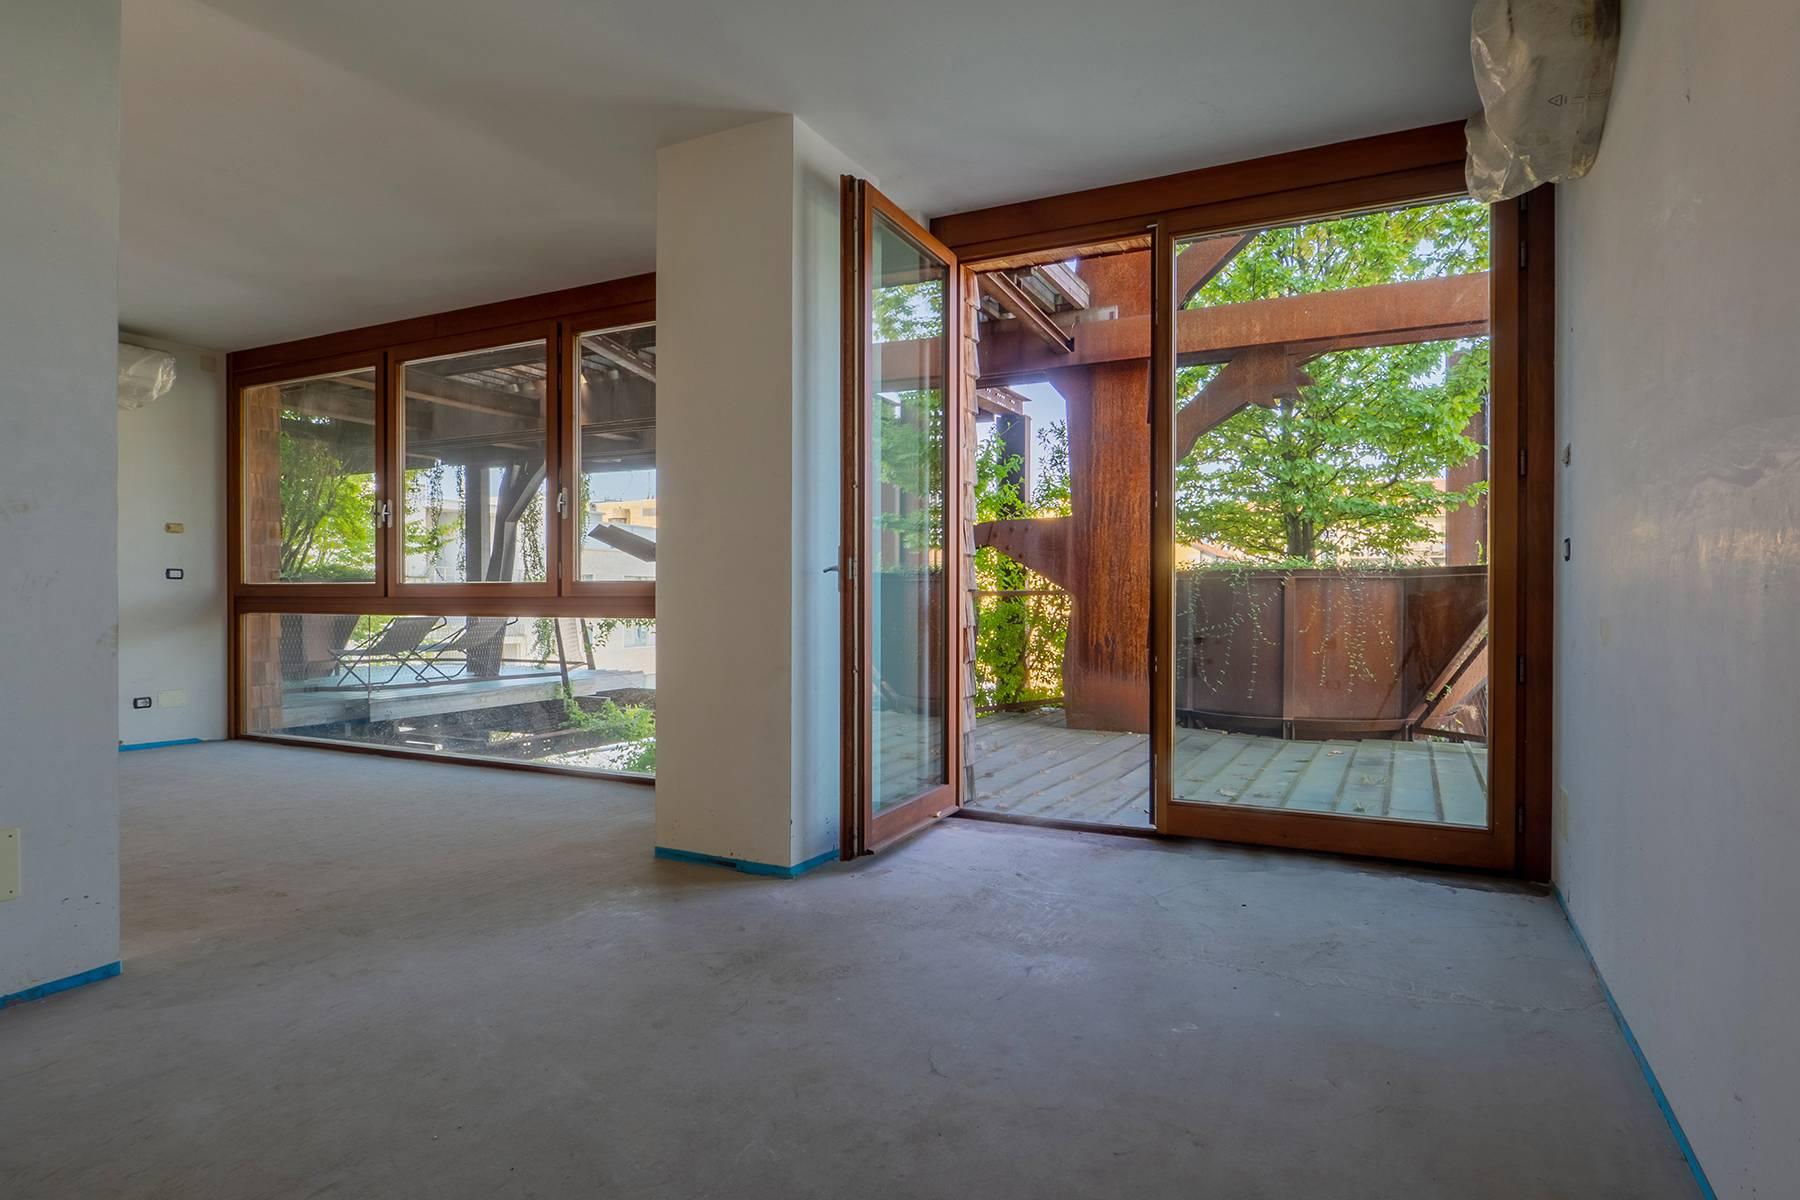 Appartamento in Vendita a Torino: 4 locali, 126 mq - Foto 8